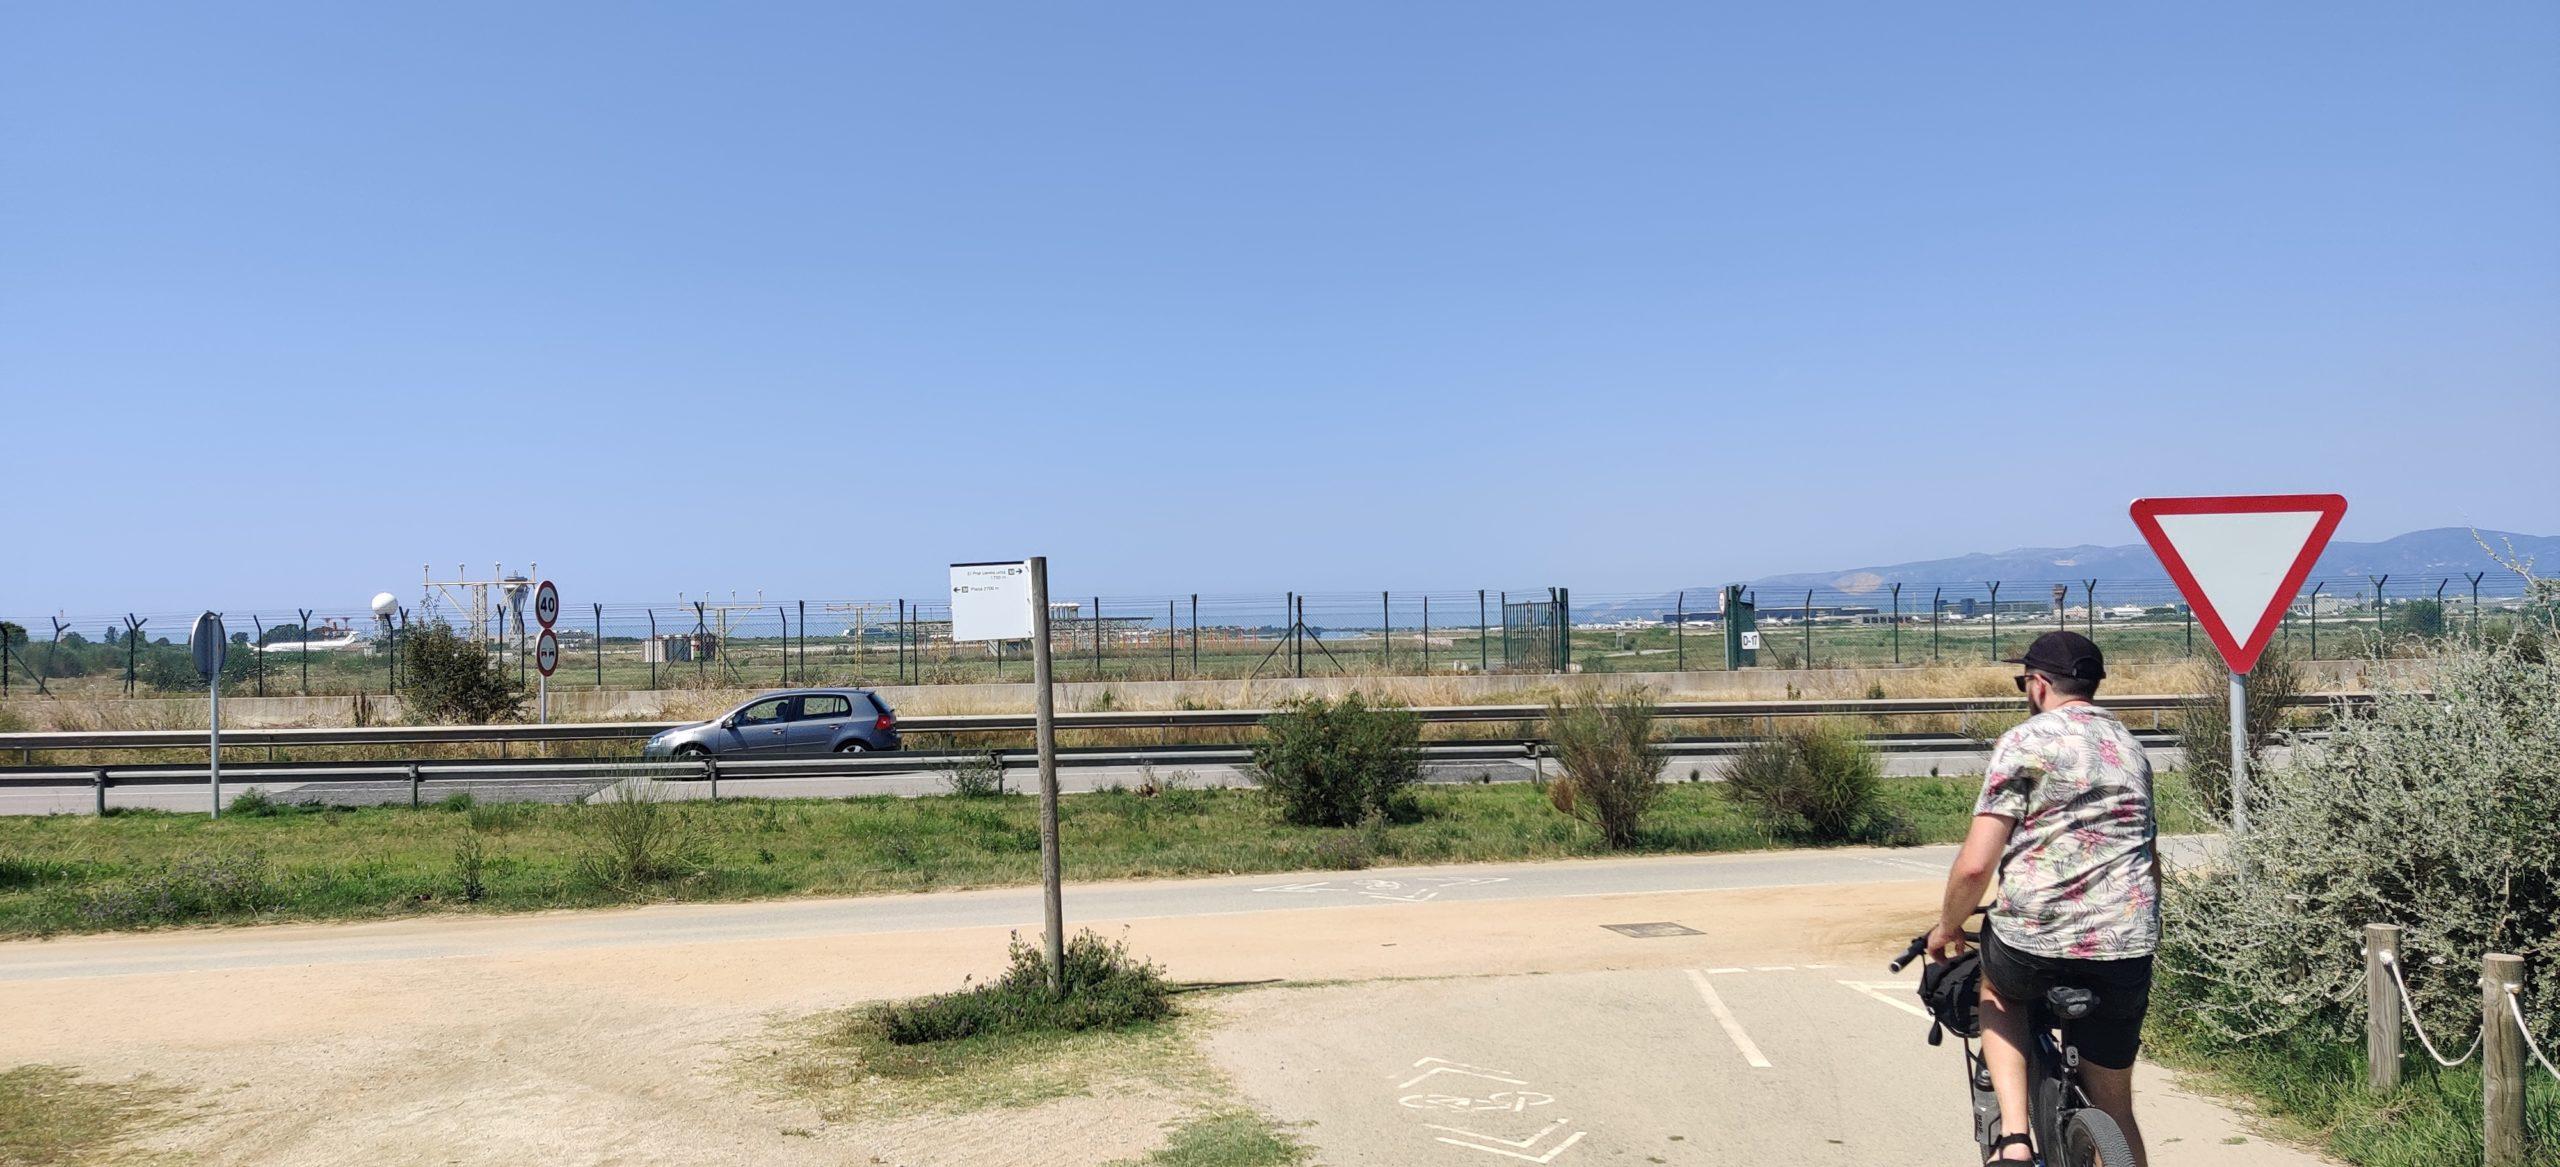 Arribant al mirador de l'Aeroport del Prat.